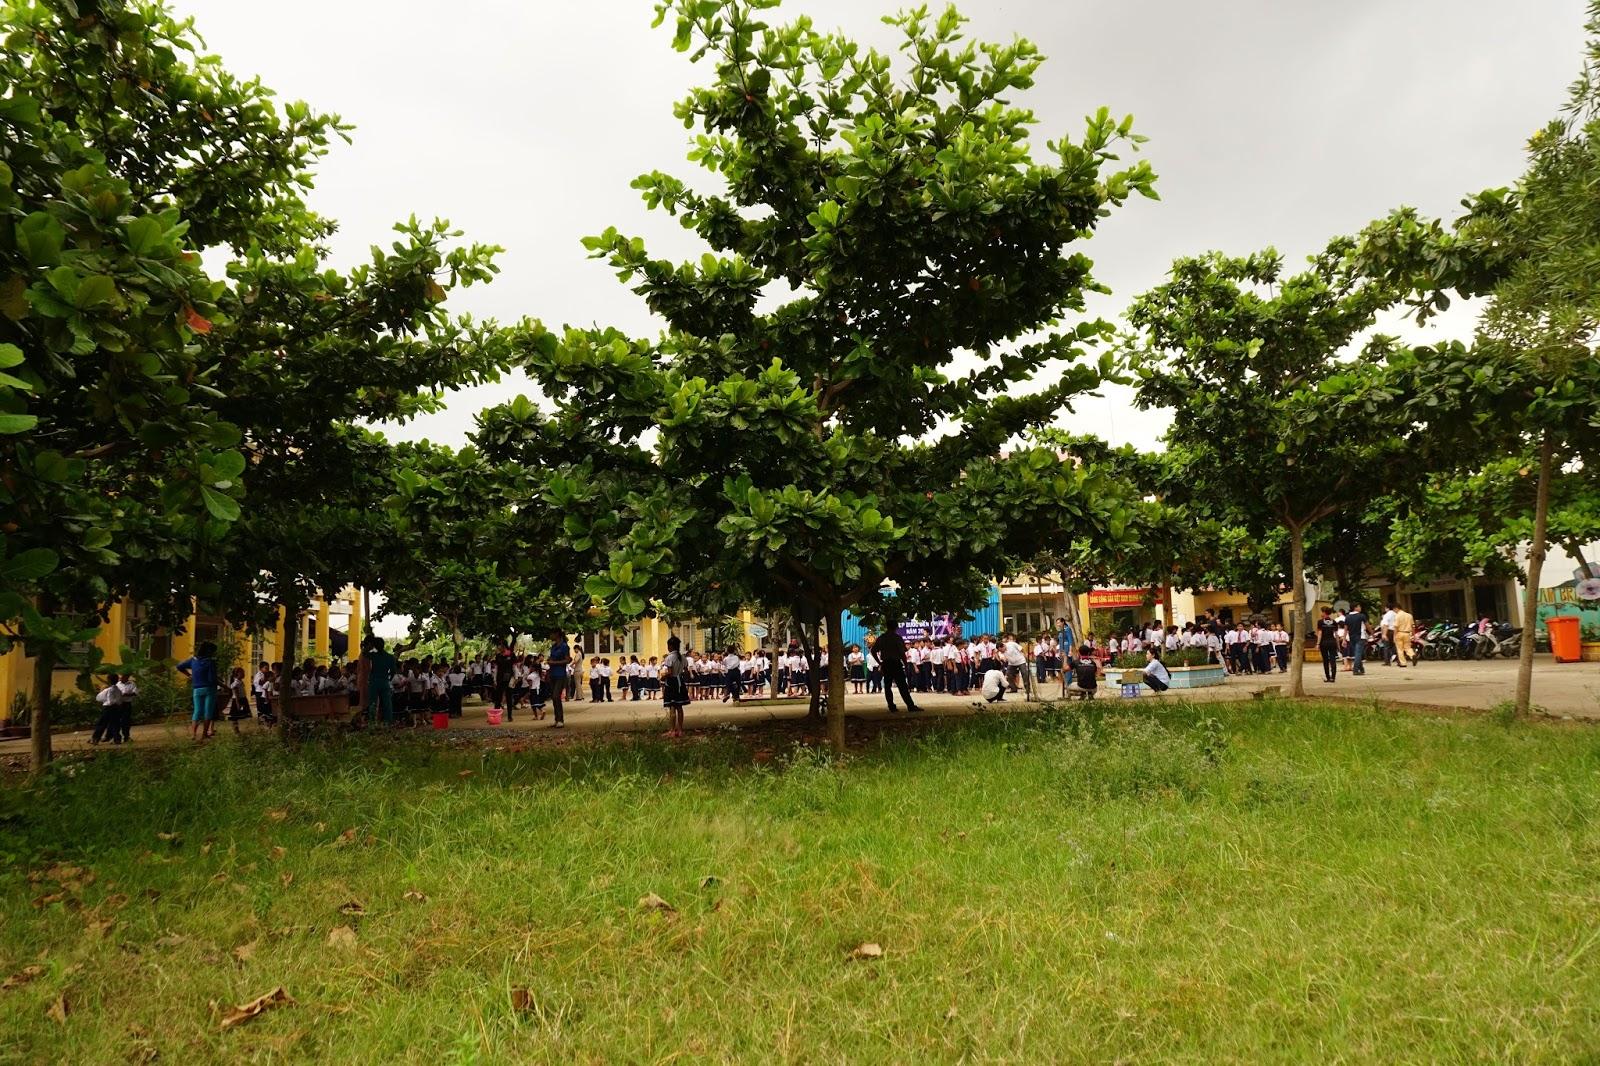 Mái trường nhỏ đơn sơ làm chúng tôi nhớ về ngôi trường nhỏ ngày xưa mình từng học